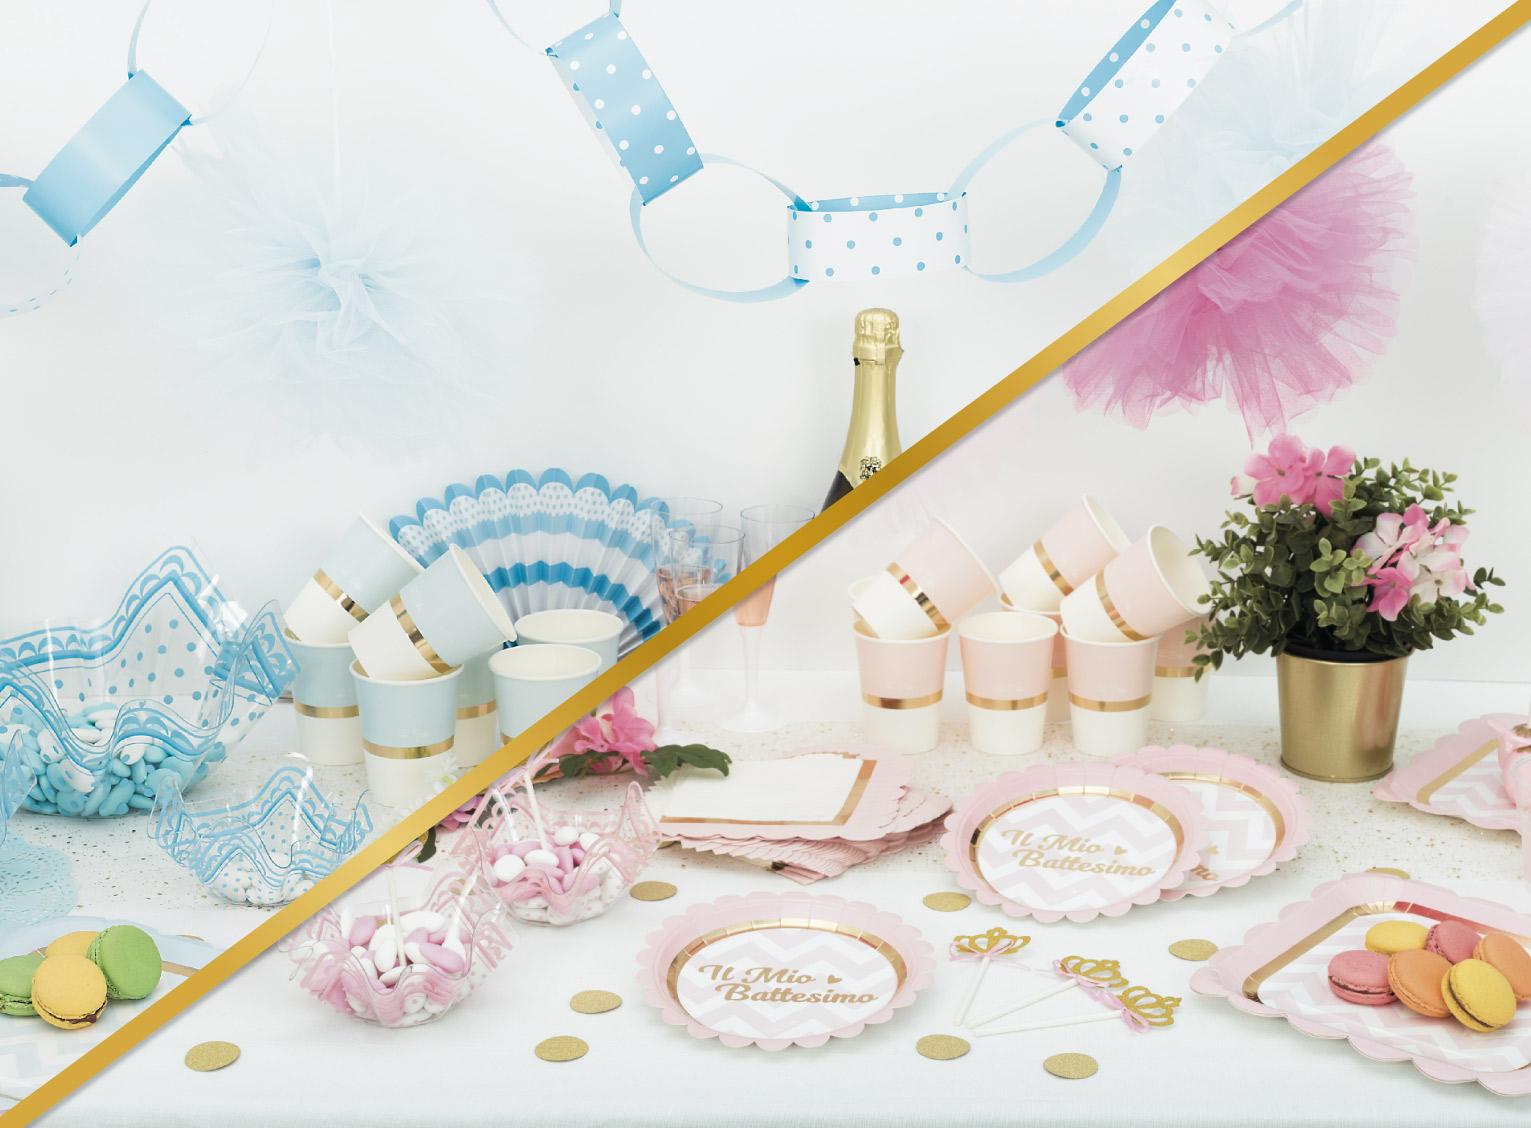 Come Addobbare Un Tavolo Per Confettata baby chic: come allestire la tavola per un battesimo super